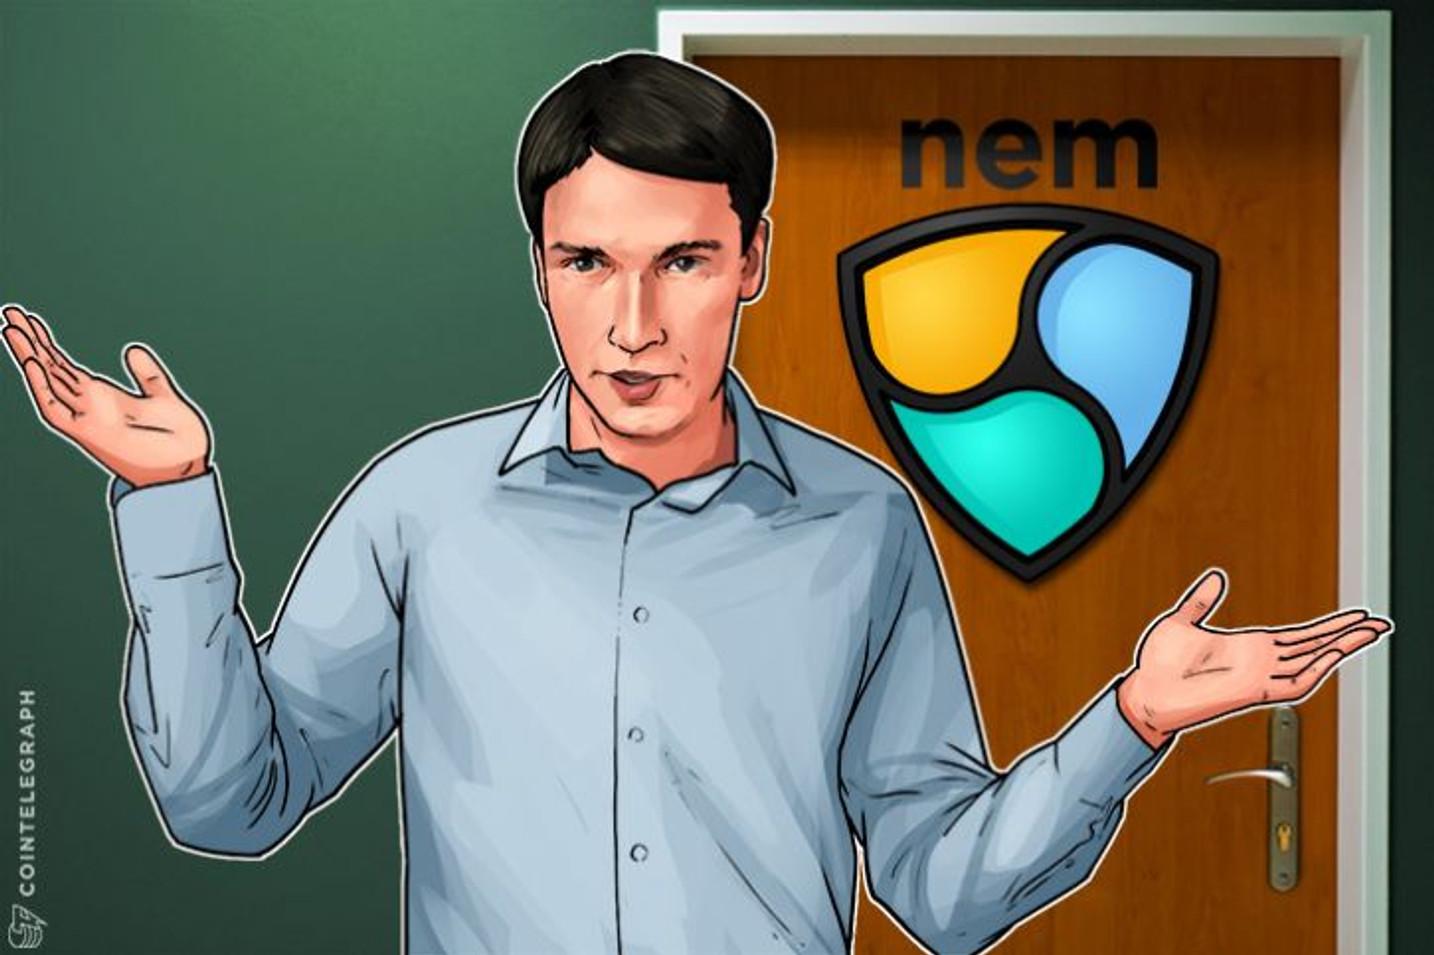 NEMの創設者を巡る騒動について